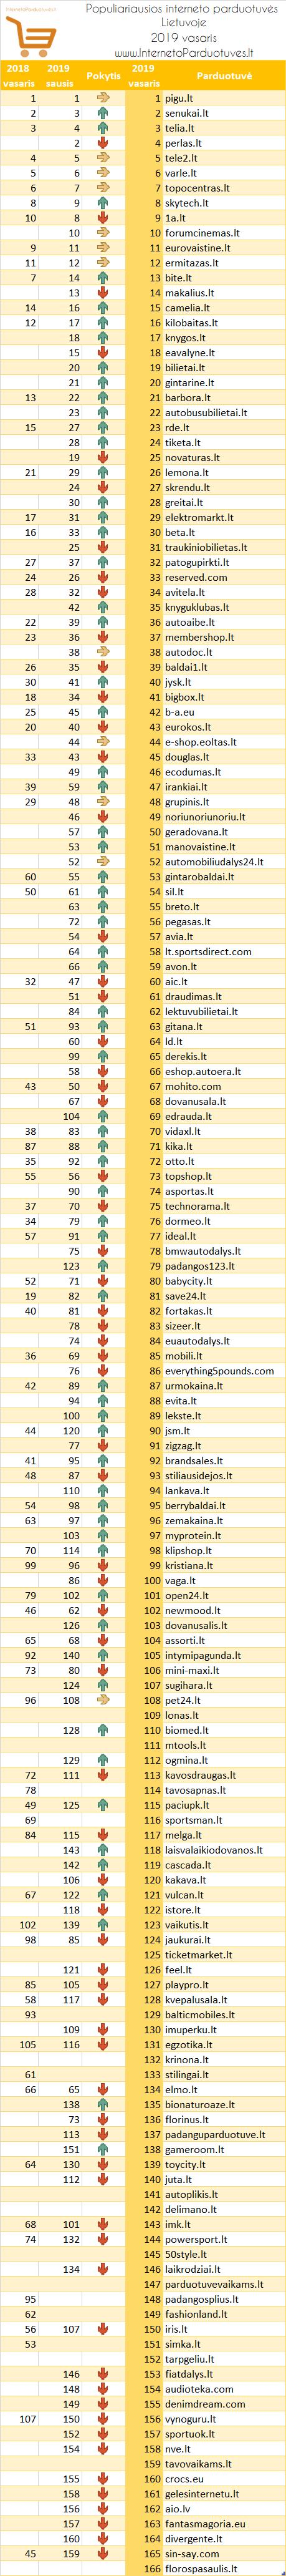 Populiariausių elektroninių parduotuvių Lietuvoje 2019 m. vasario mėn. reitingas